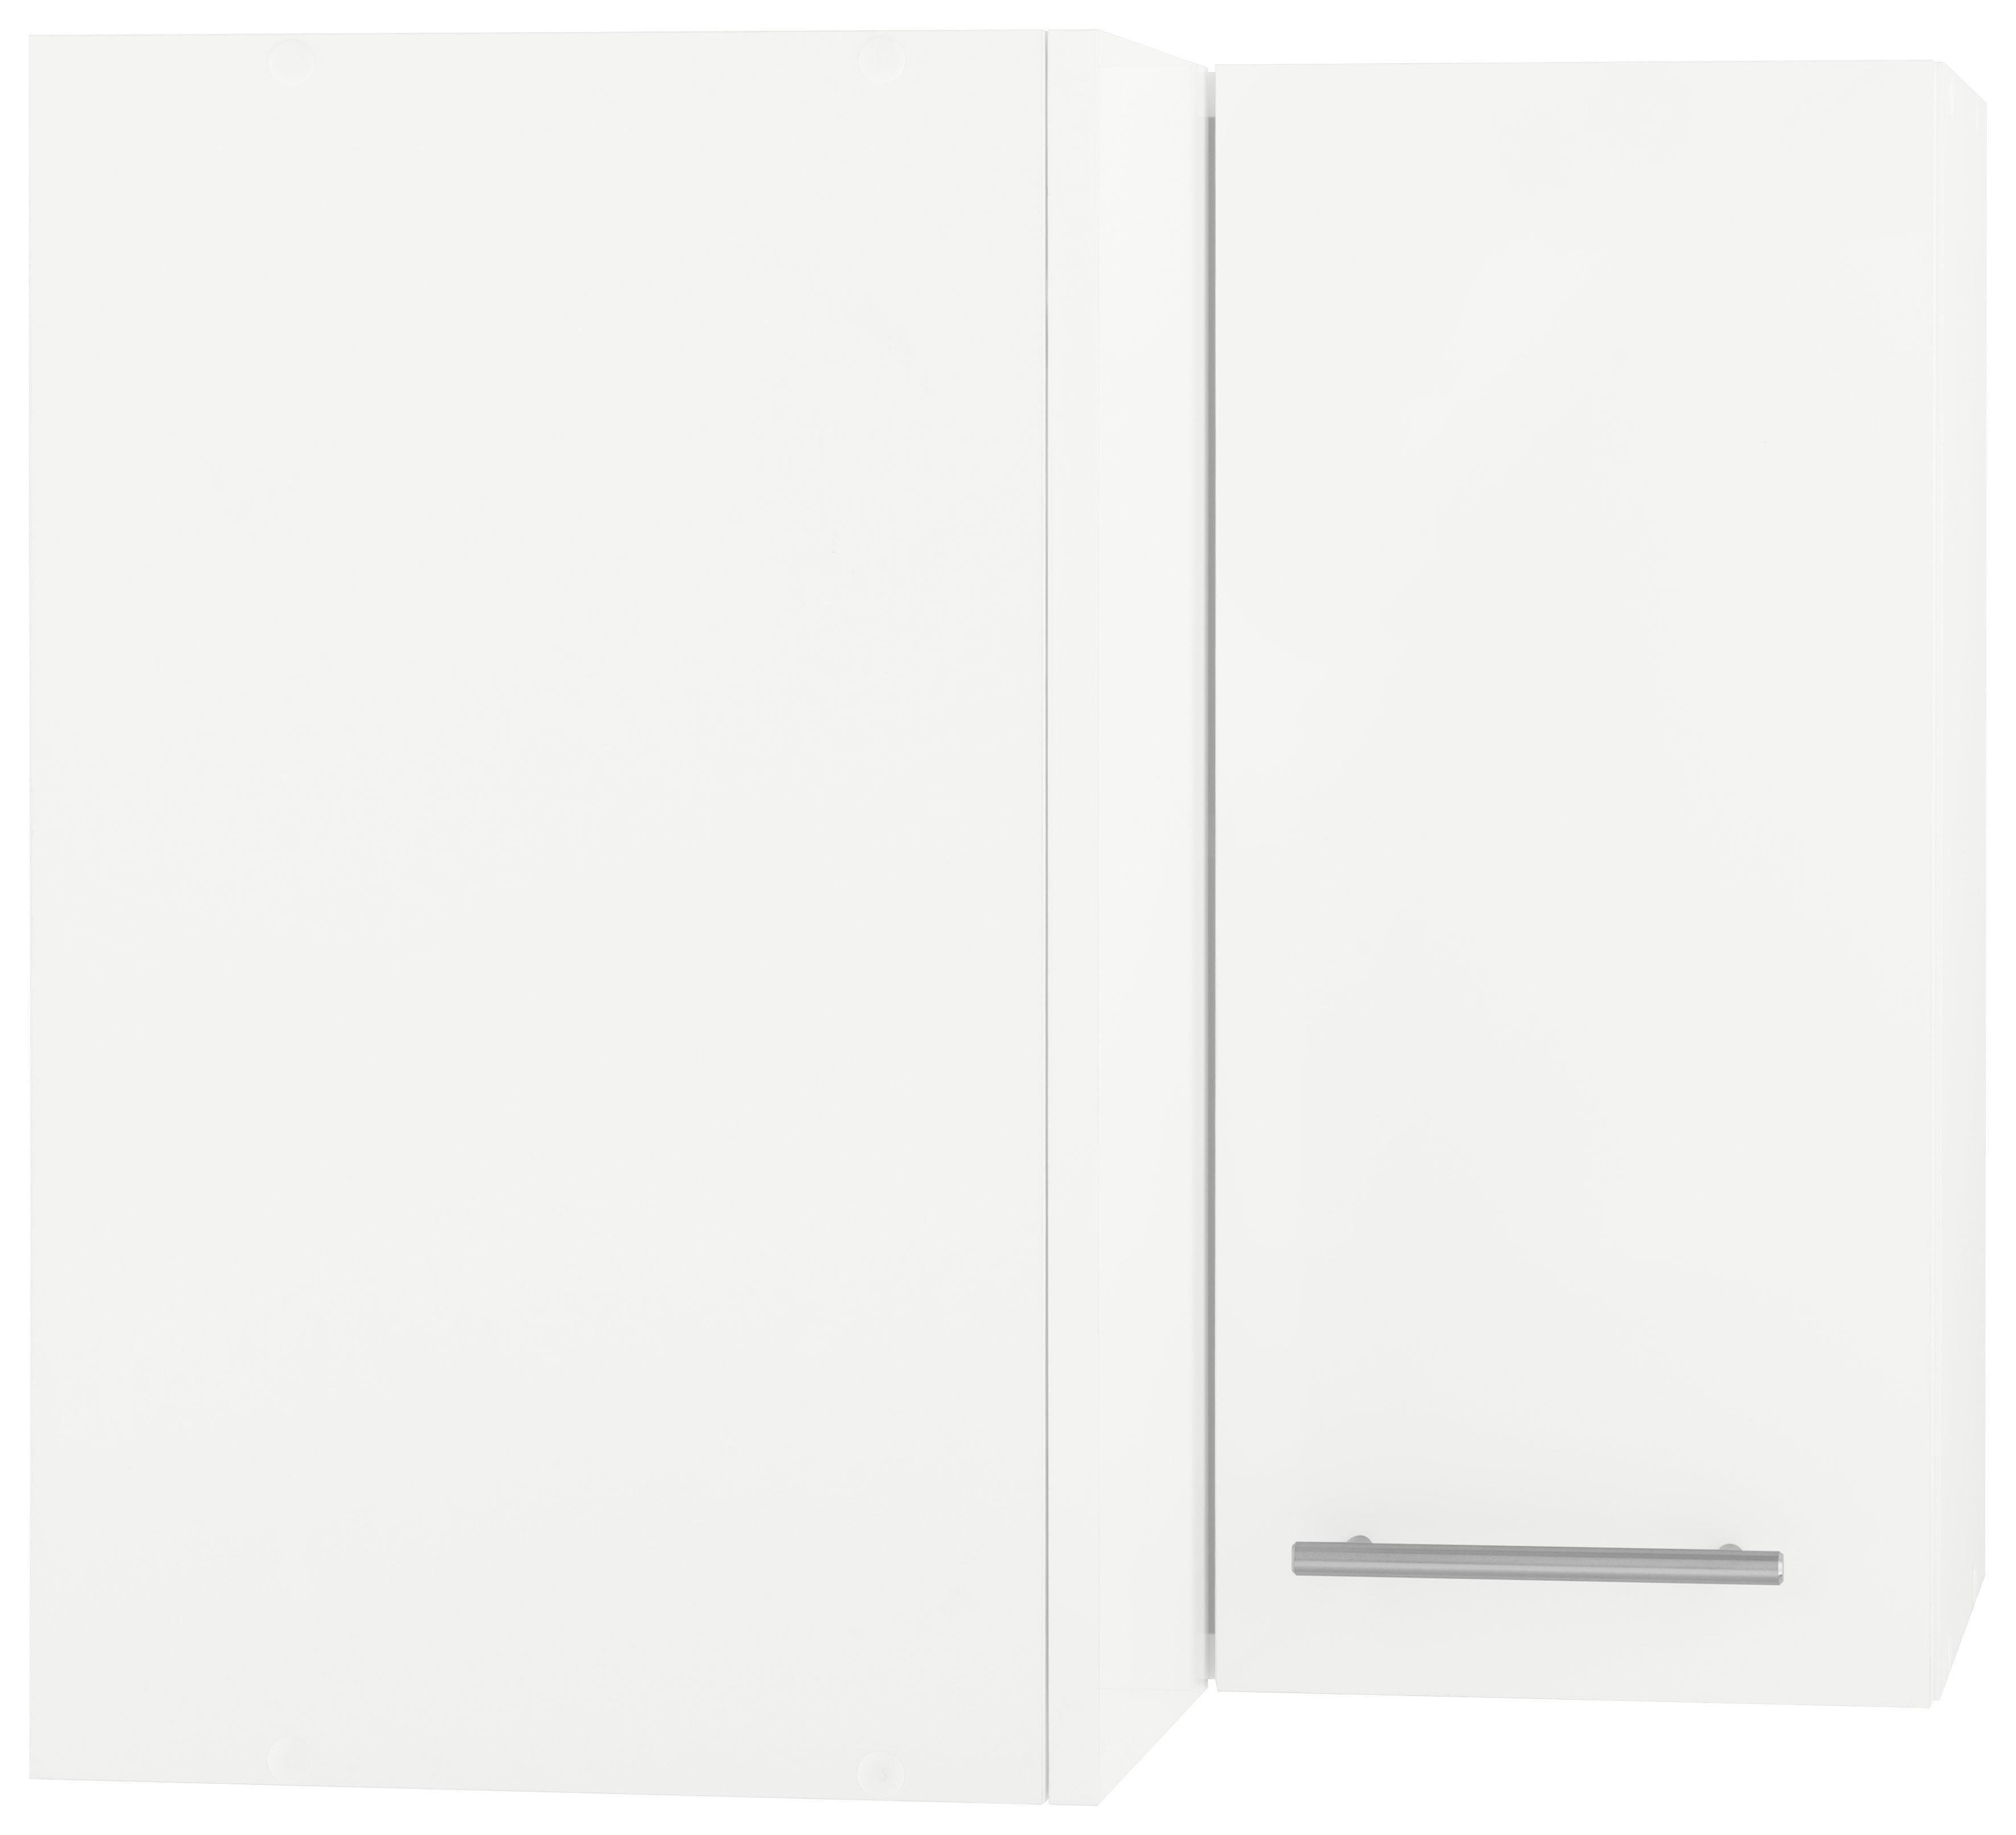 WIHO-Küchen Eckhängeschrank »Flexi2«   Wohnzimmer > Schränke > Weitere Schränke   Weiß - Rot - Glanz   Melamin   wiho Küchen